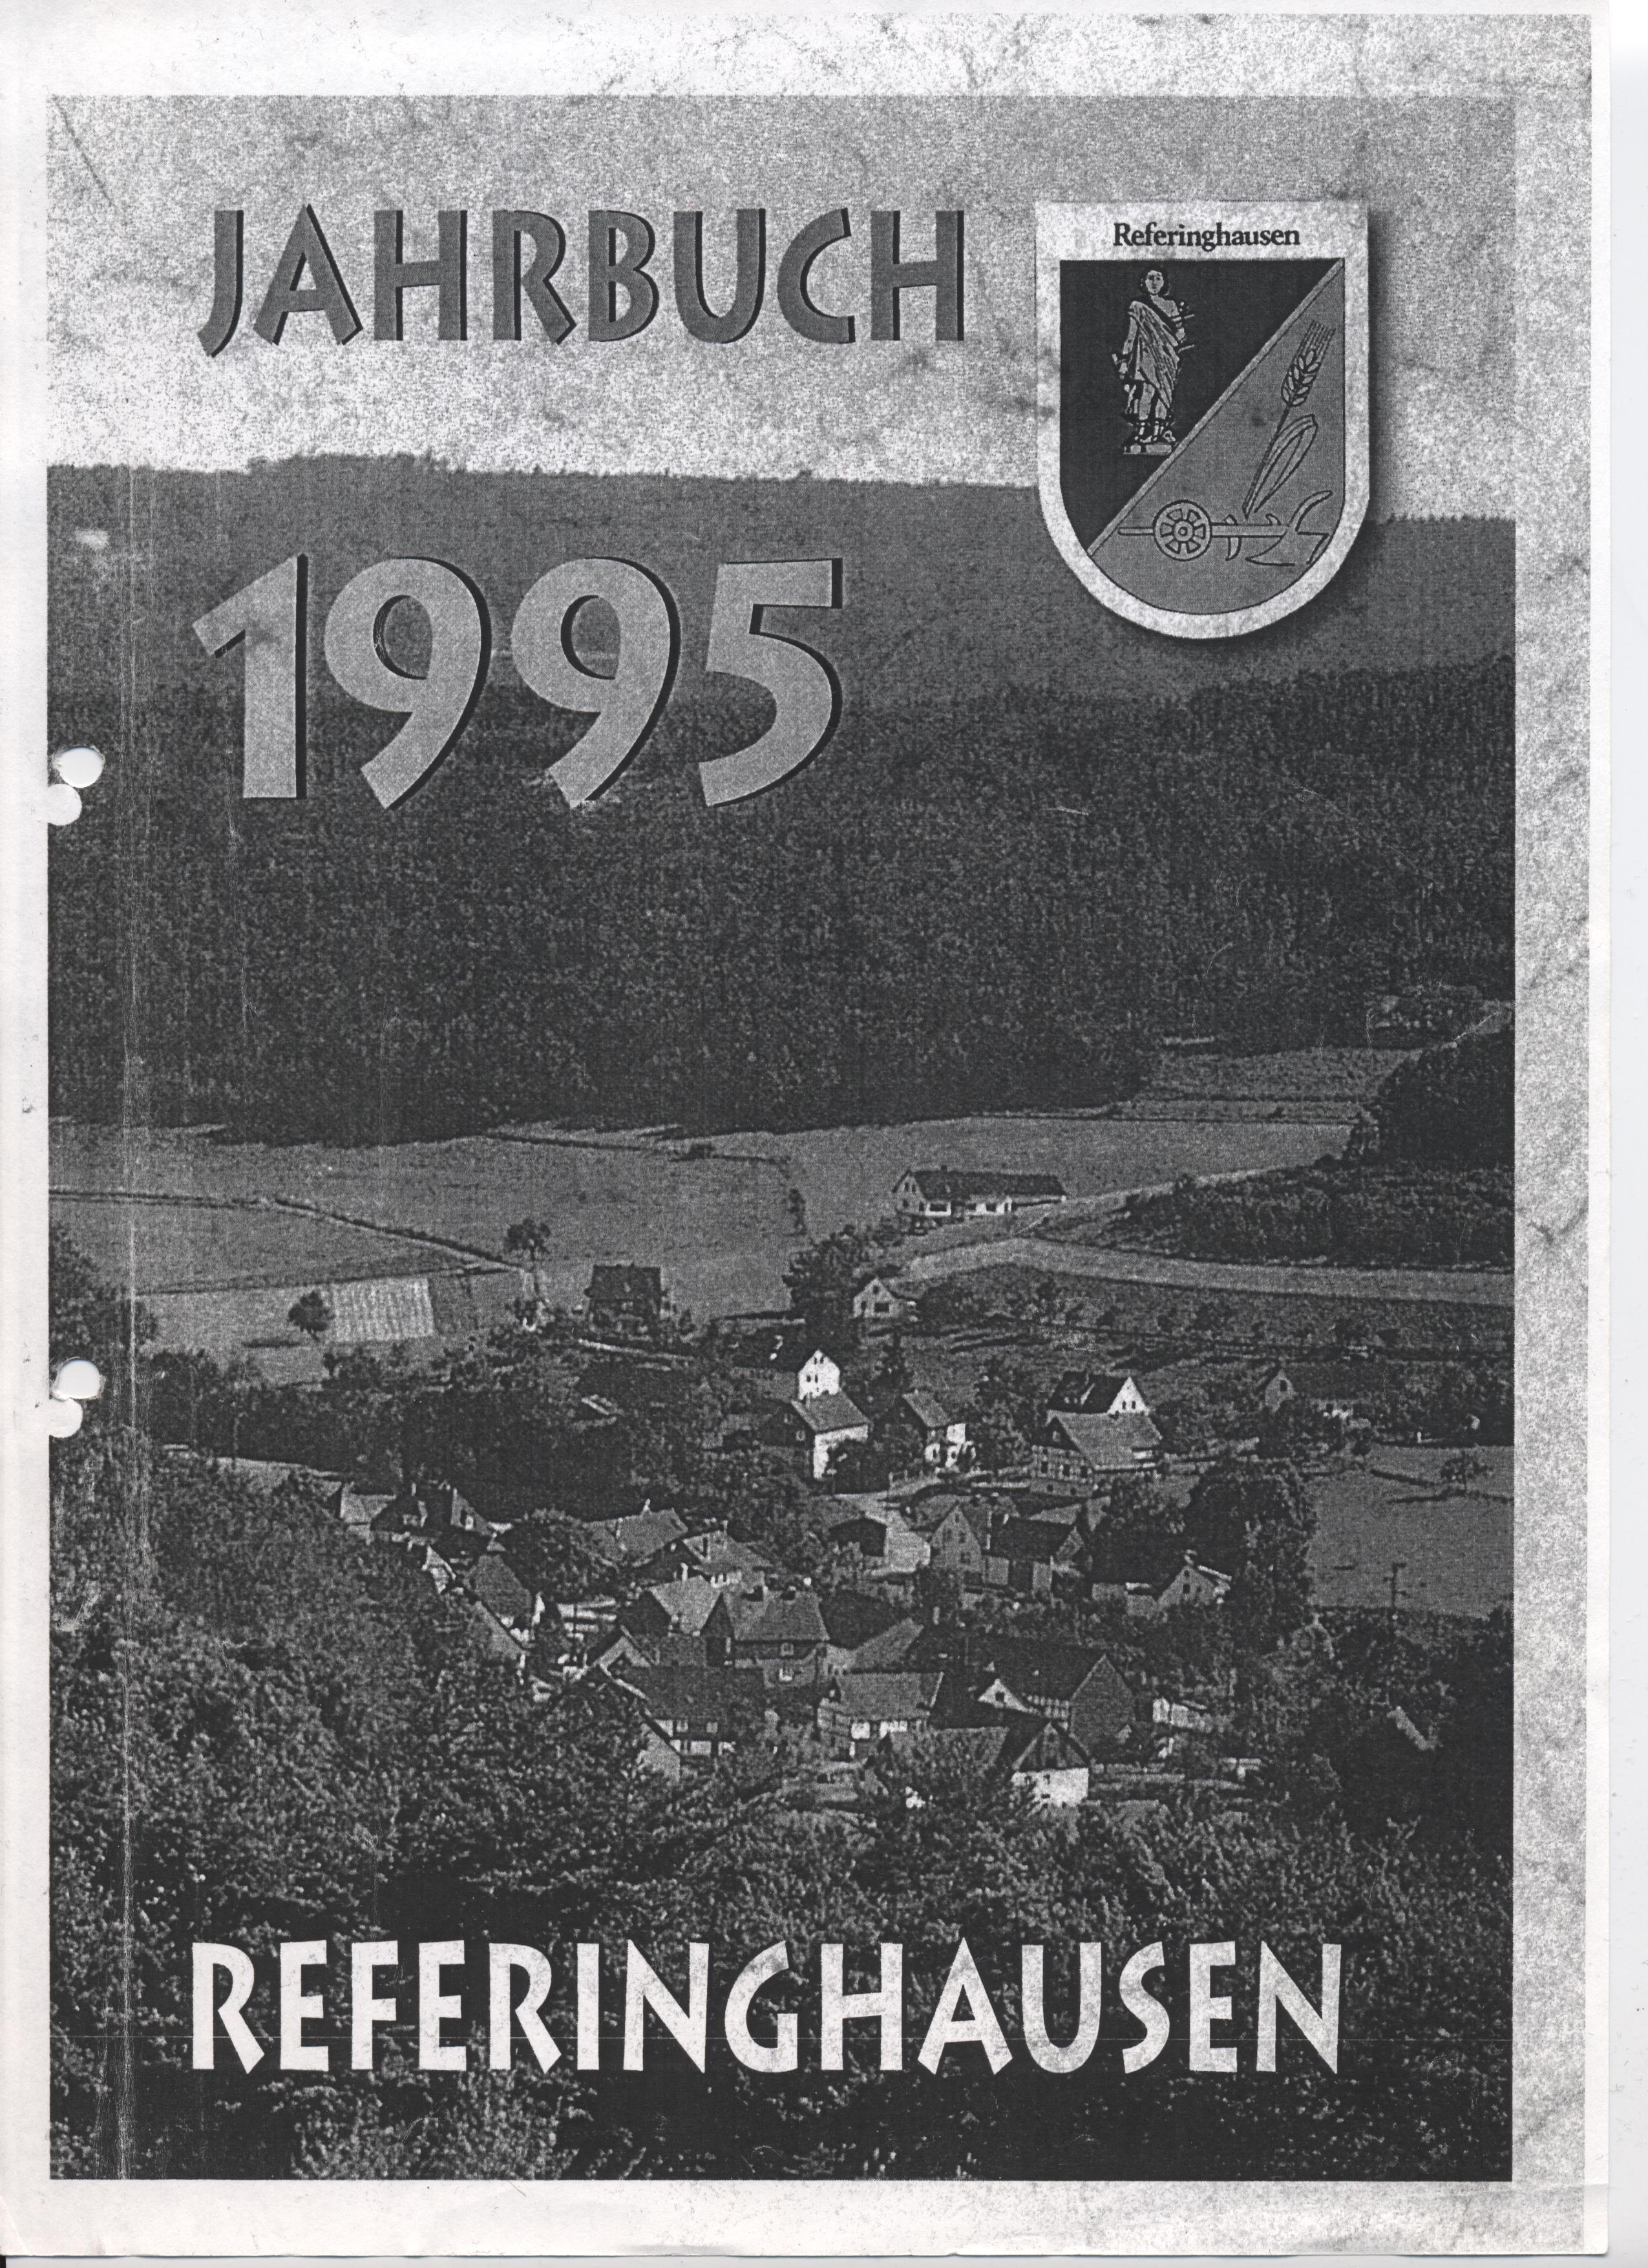 Jahrbuch von 1995